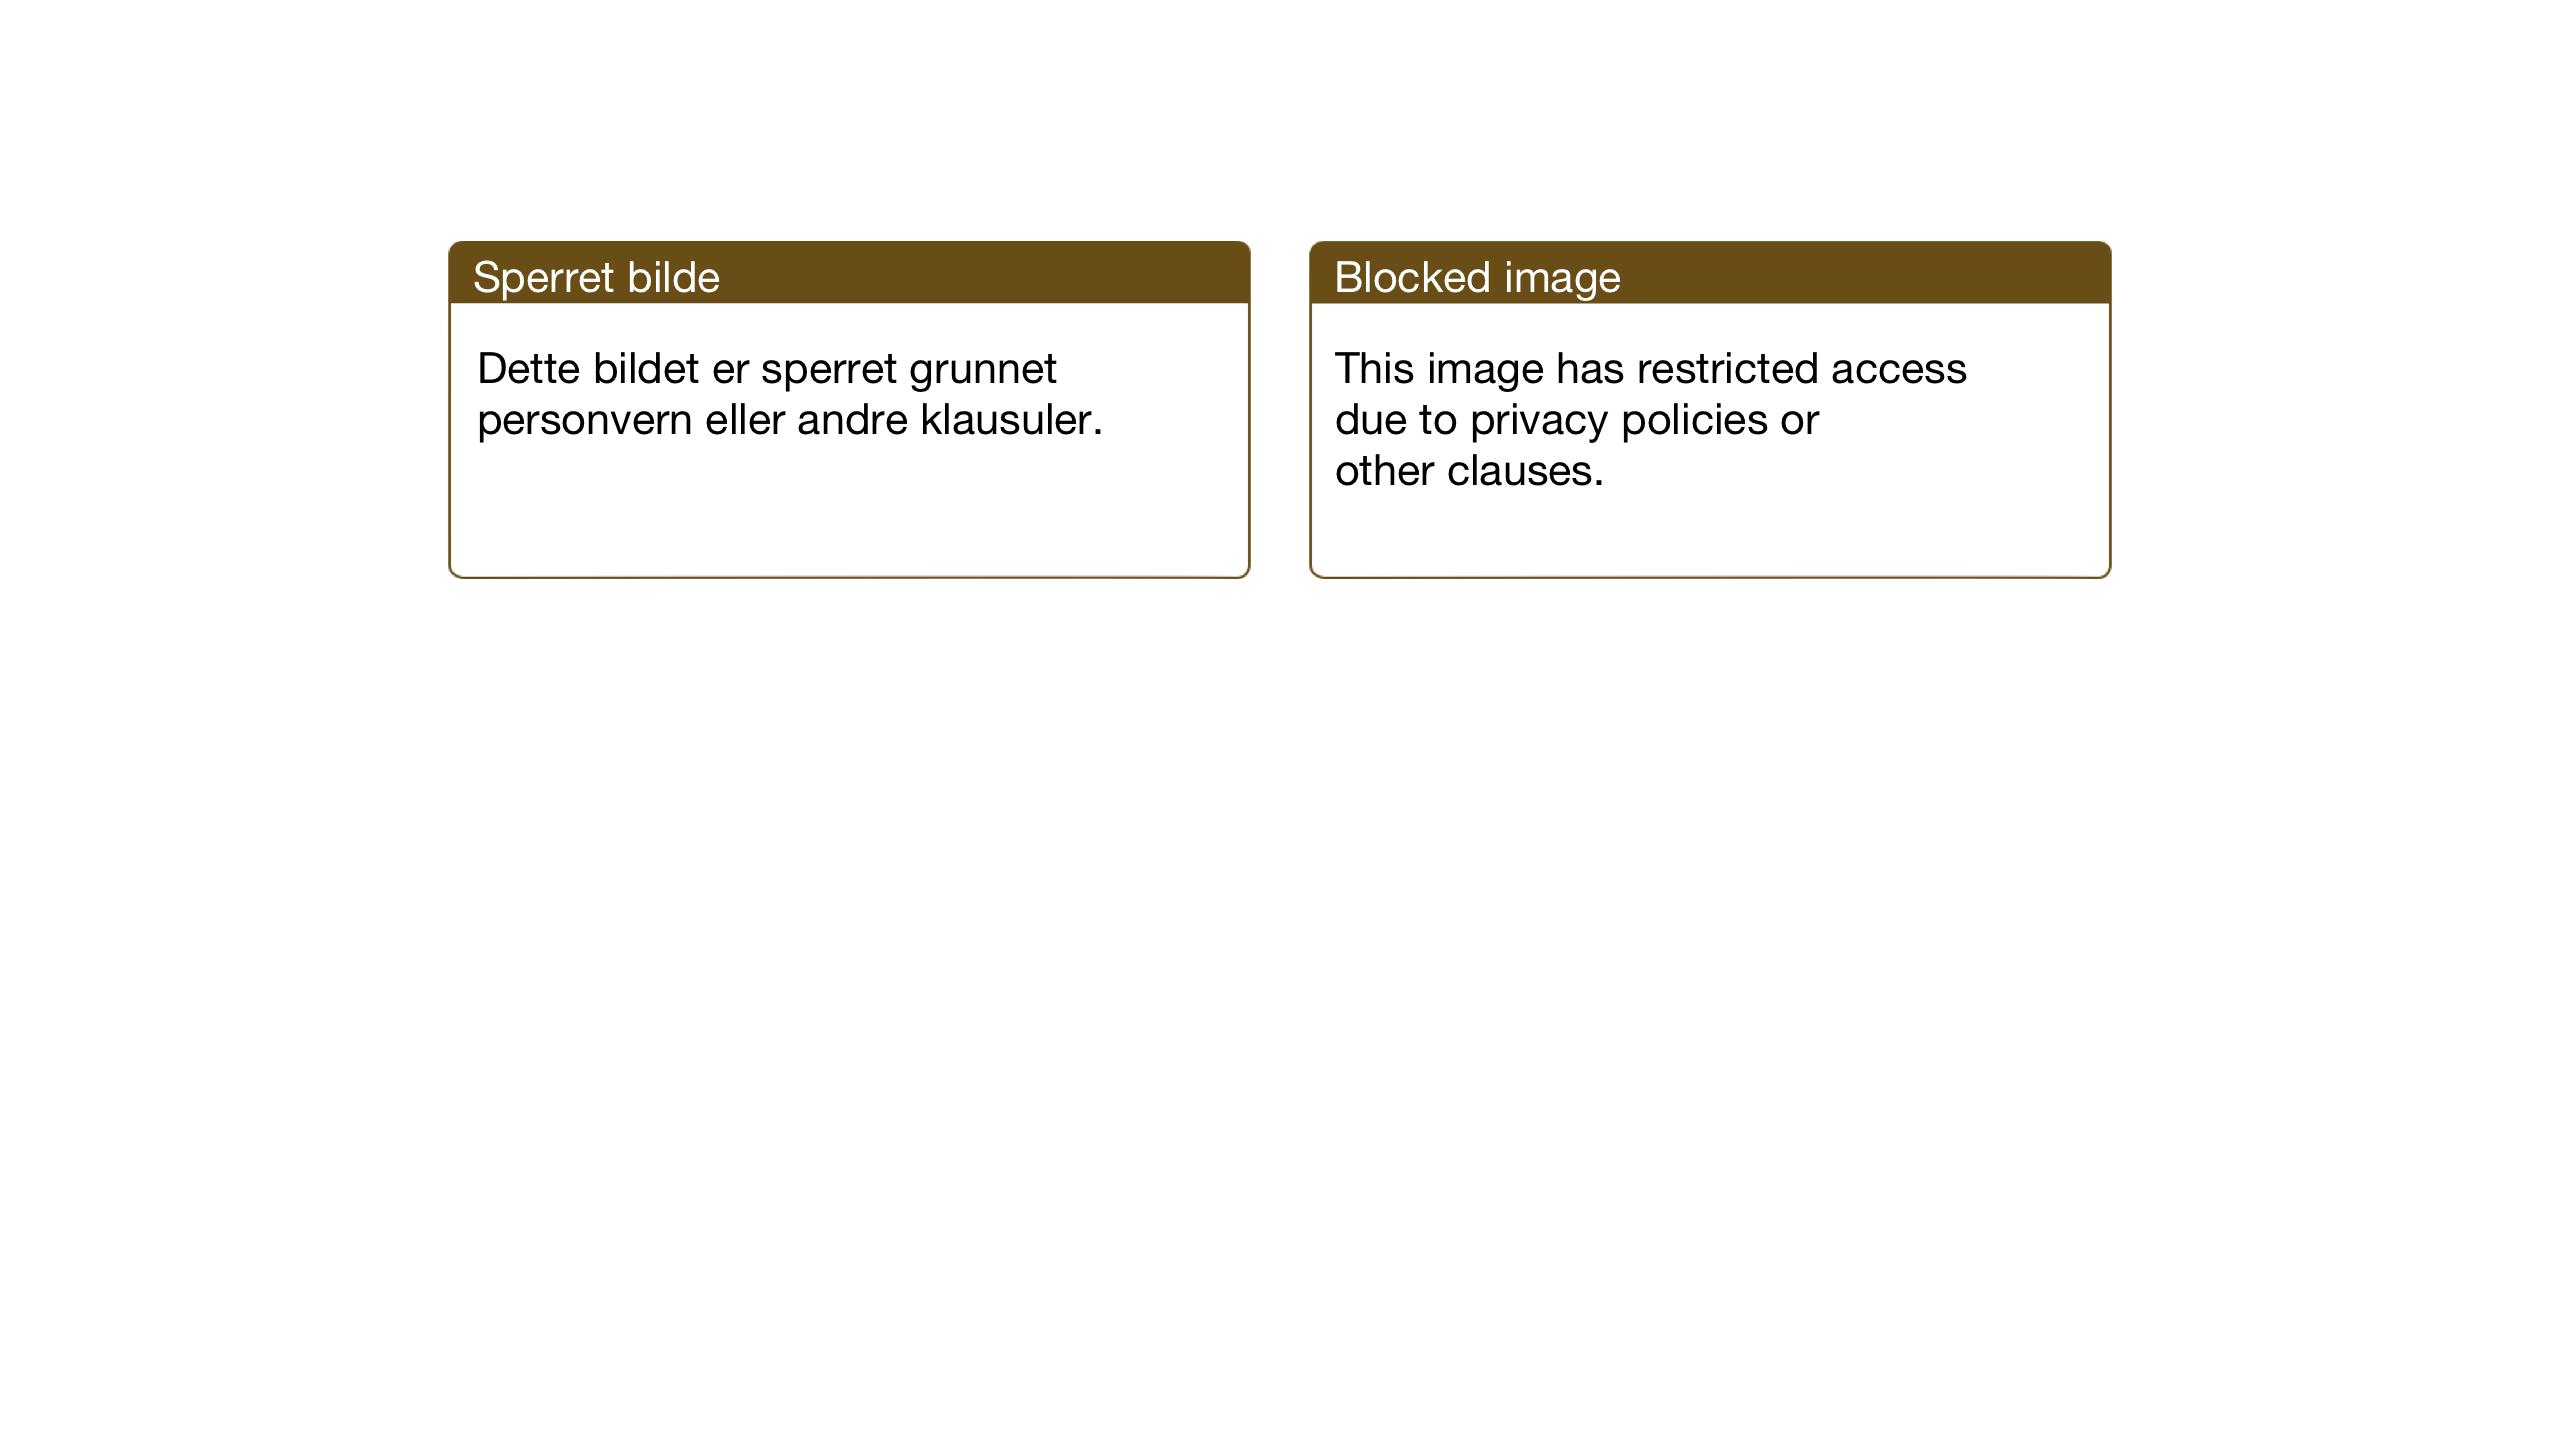 SAT, Ministerialprotokoller, klokkerbøker og fødselsregistre - Sør-Trøndelag, 669/L0833: Klokkerbok nr. 669C03, 1945-1950, s. 105